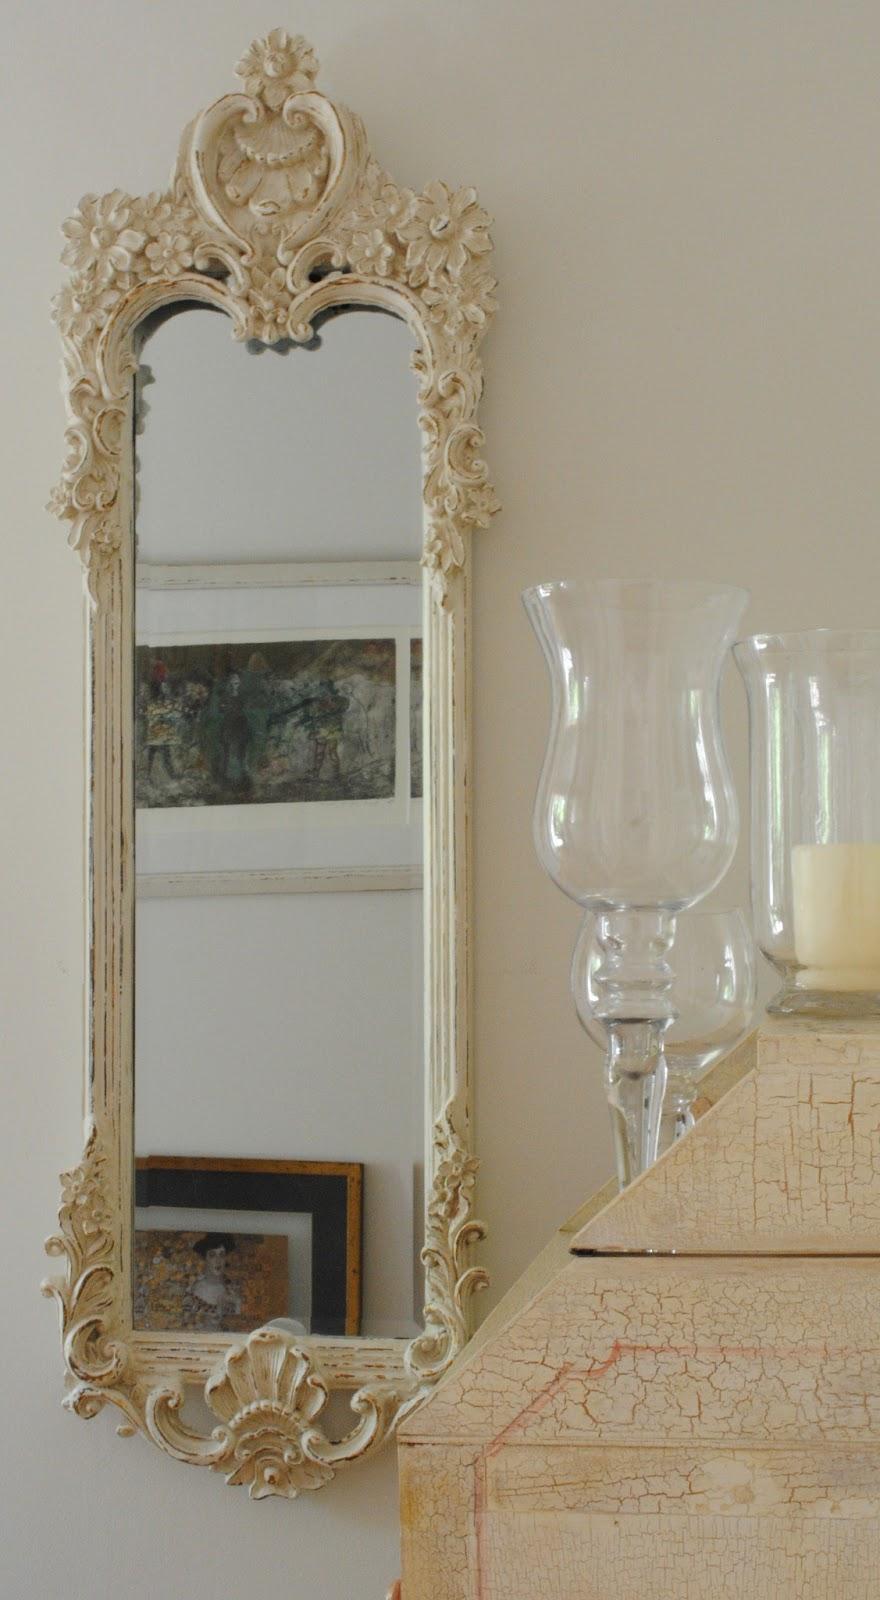 Paz montealegre decoraci n espejos provenzal espejos for Espejos decorativos para entradas